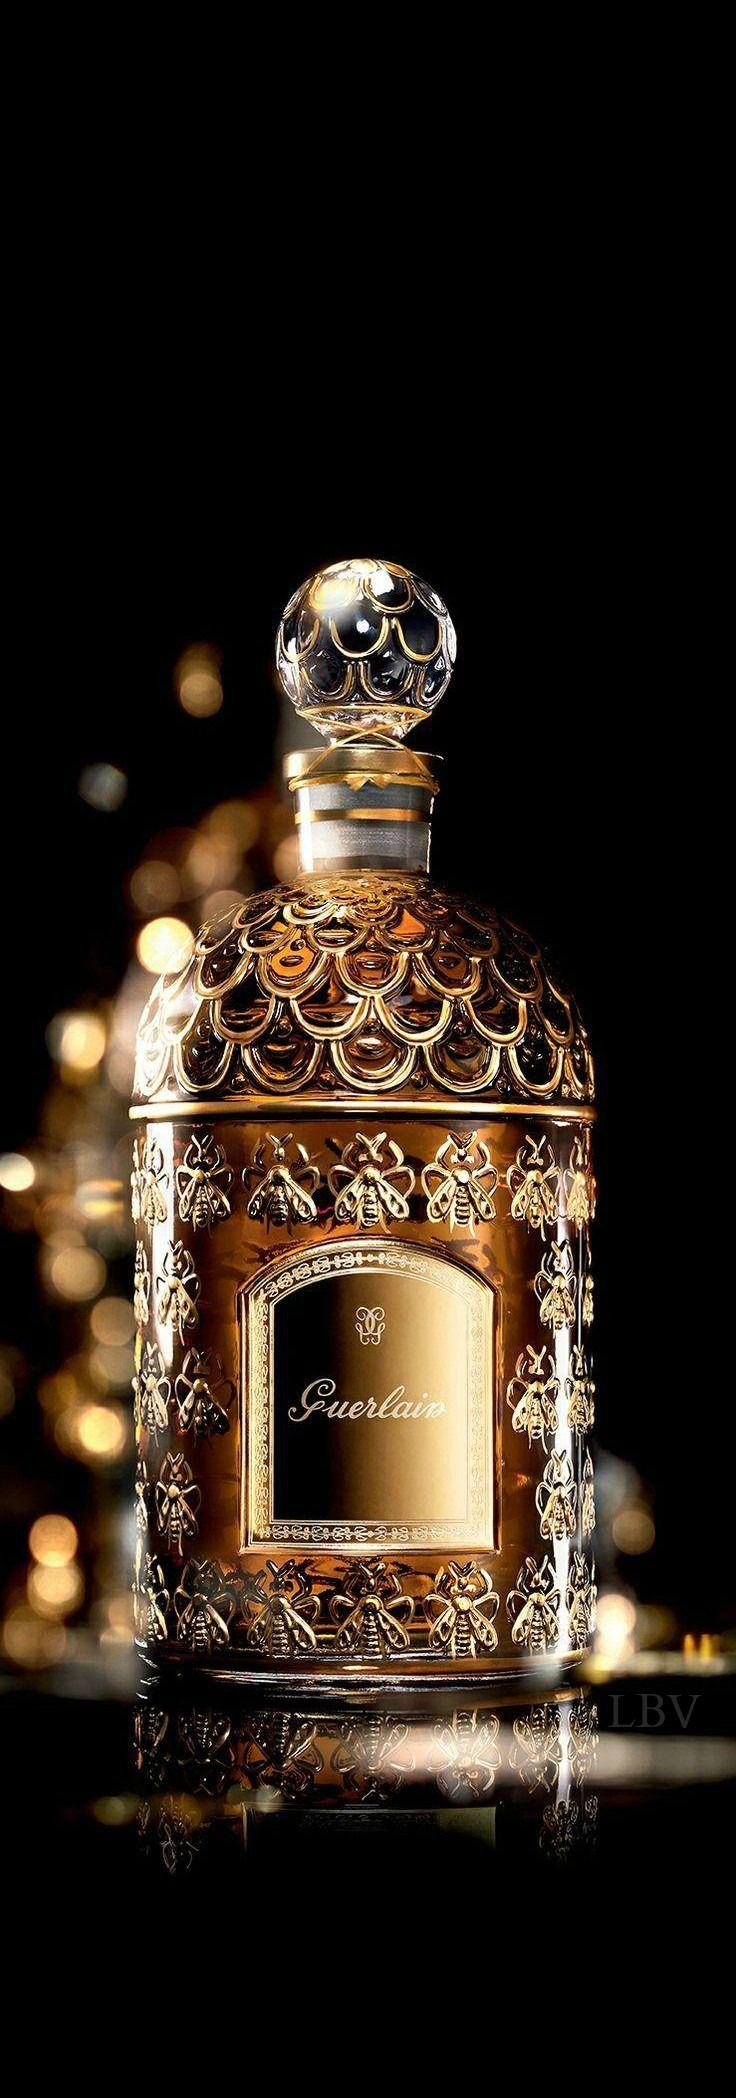 Le flacon aux Abeilles Guerlain, 160ème anniversaire.| LBV ♥✤